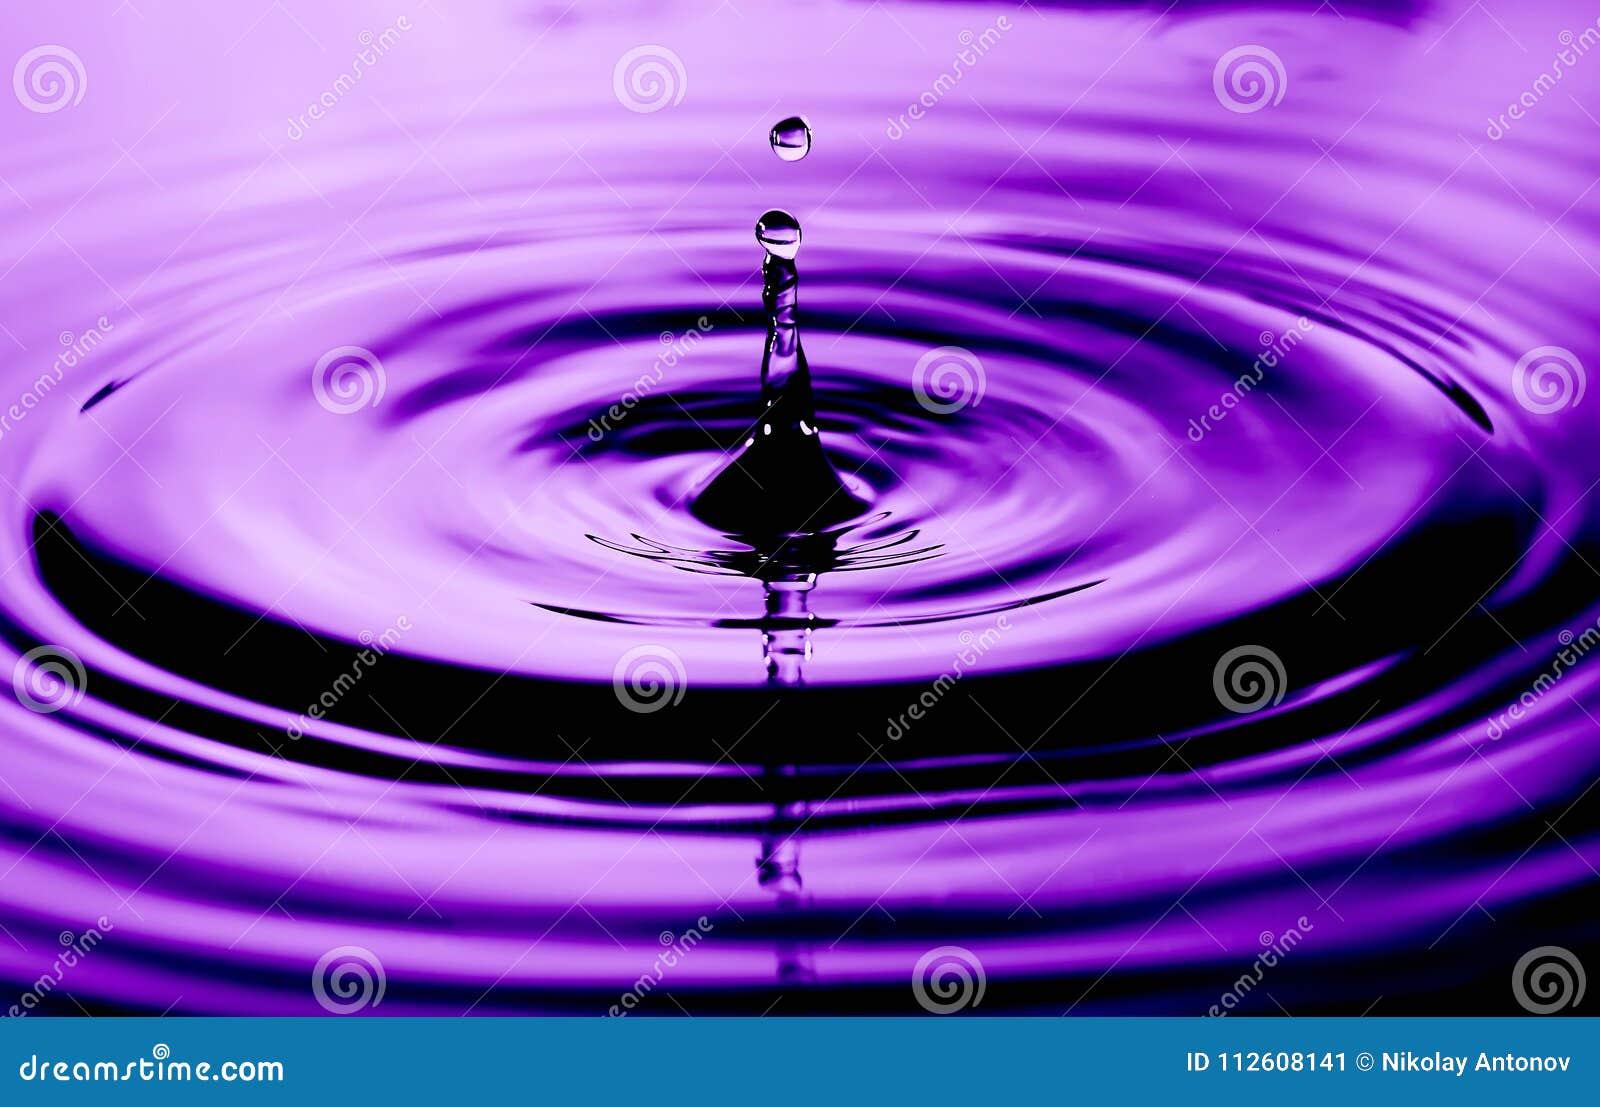 Abstrakt foto av vattendroppar Trevligt textur- och designfoto med ultraviolett färg